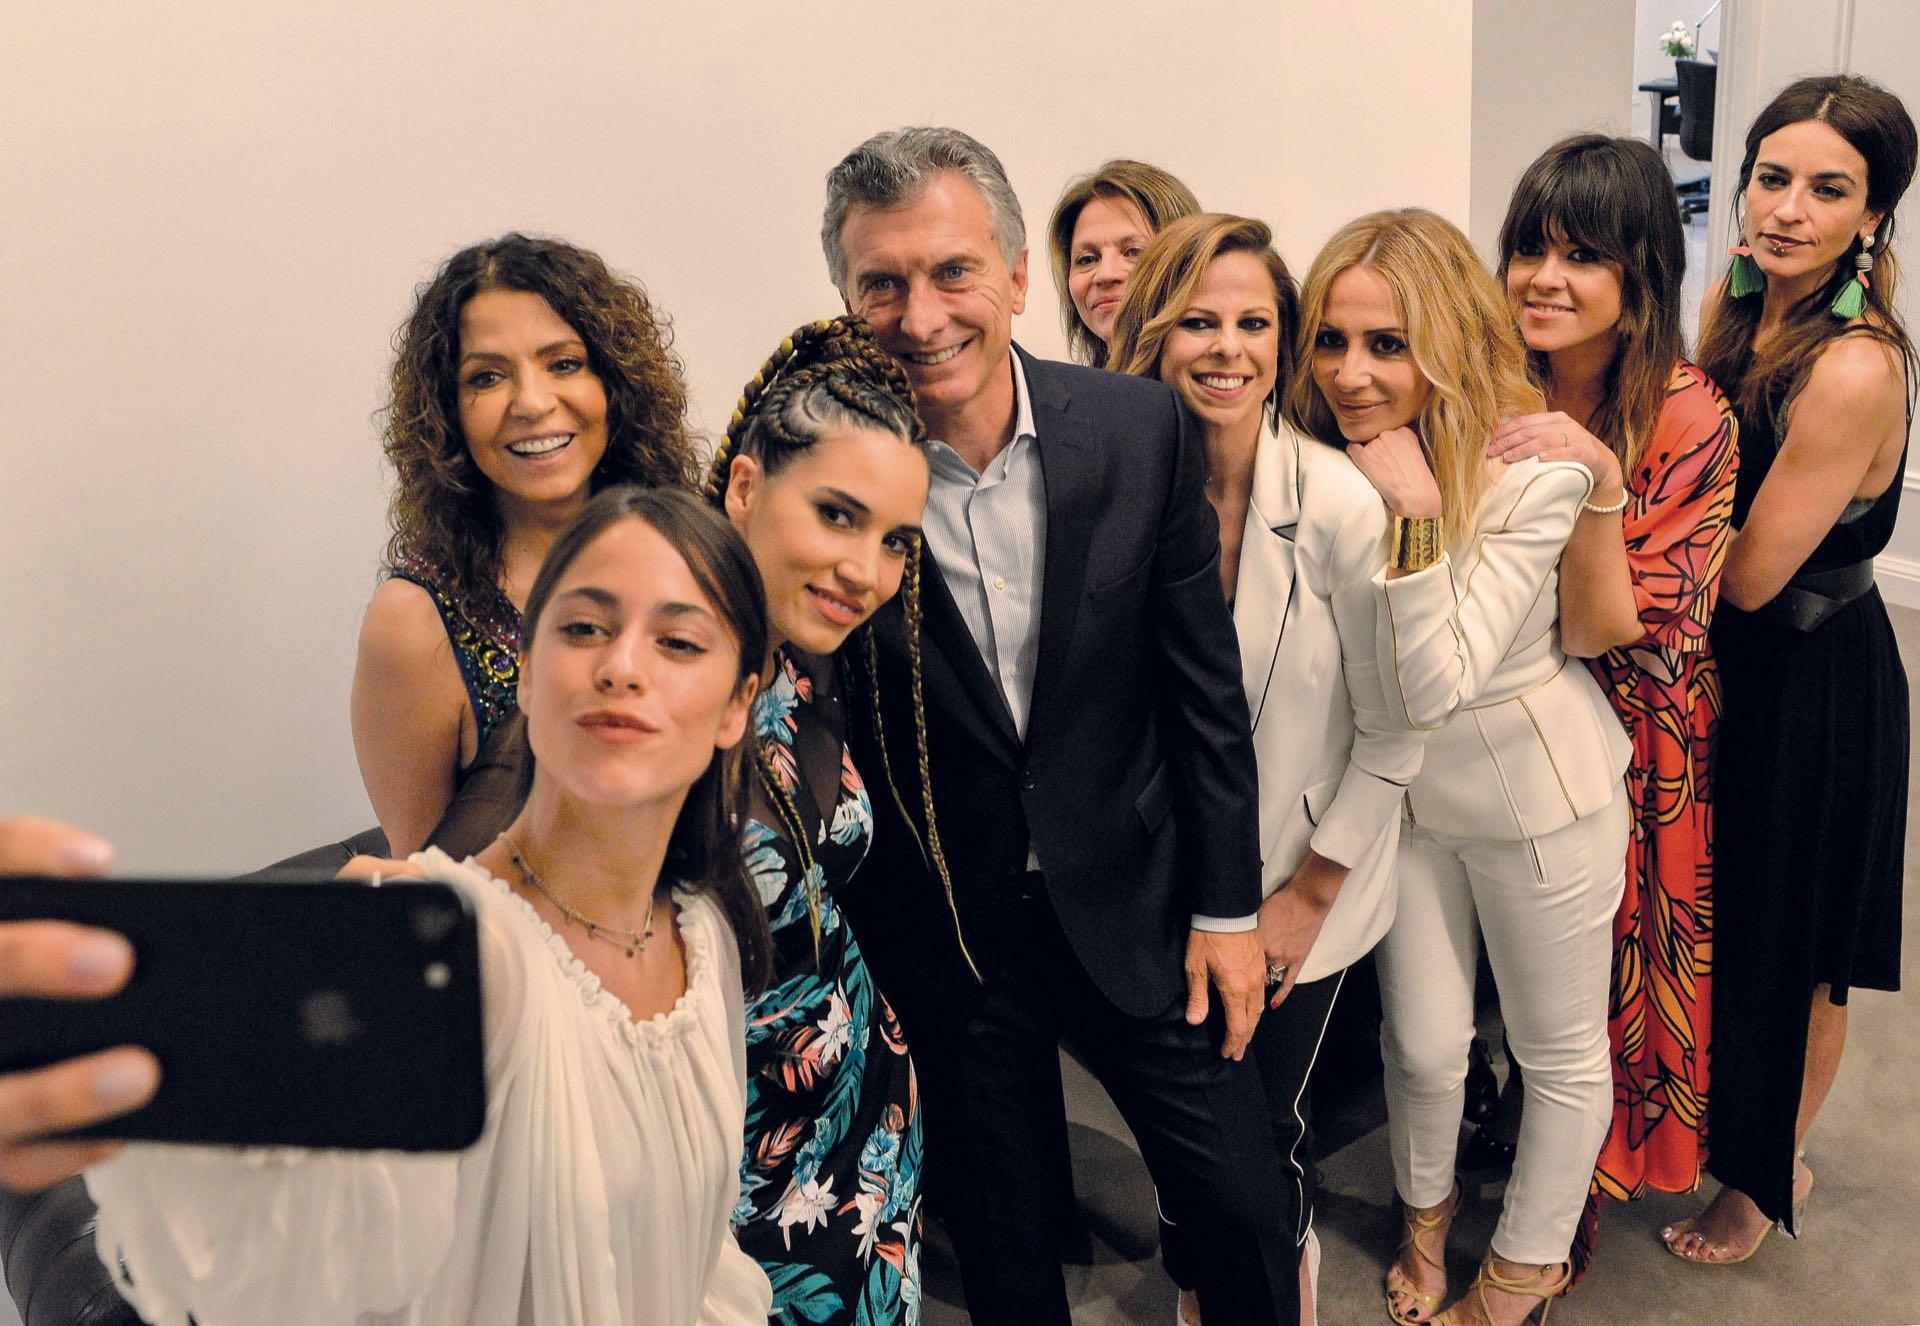 El viernes, Tini y sus colegas se reunieron con el presidente Mauricio Macri en la Rosada.